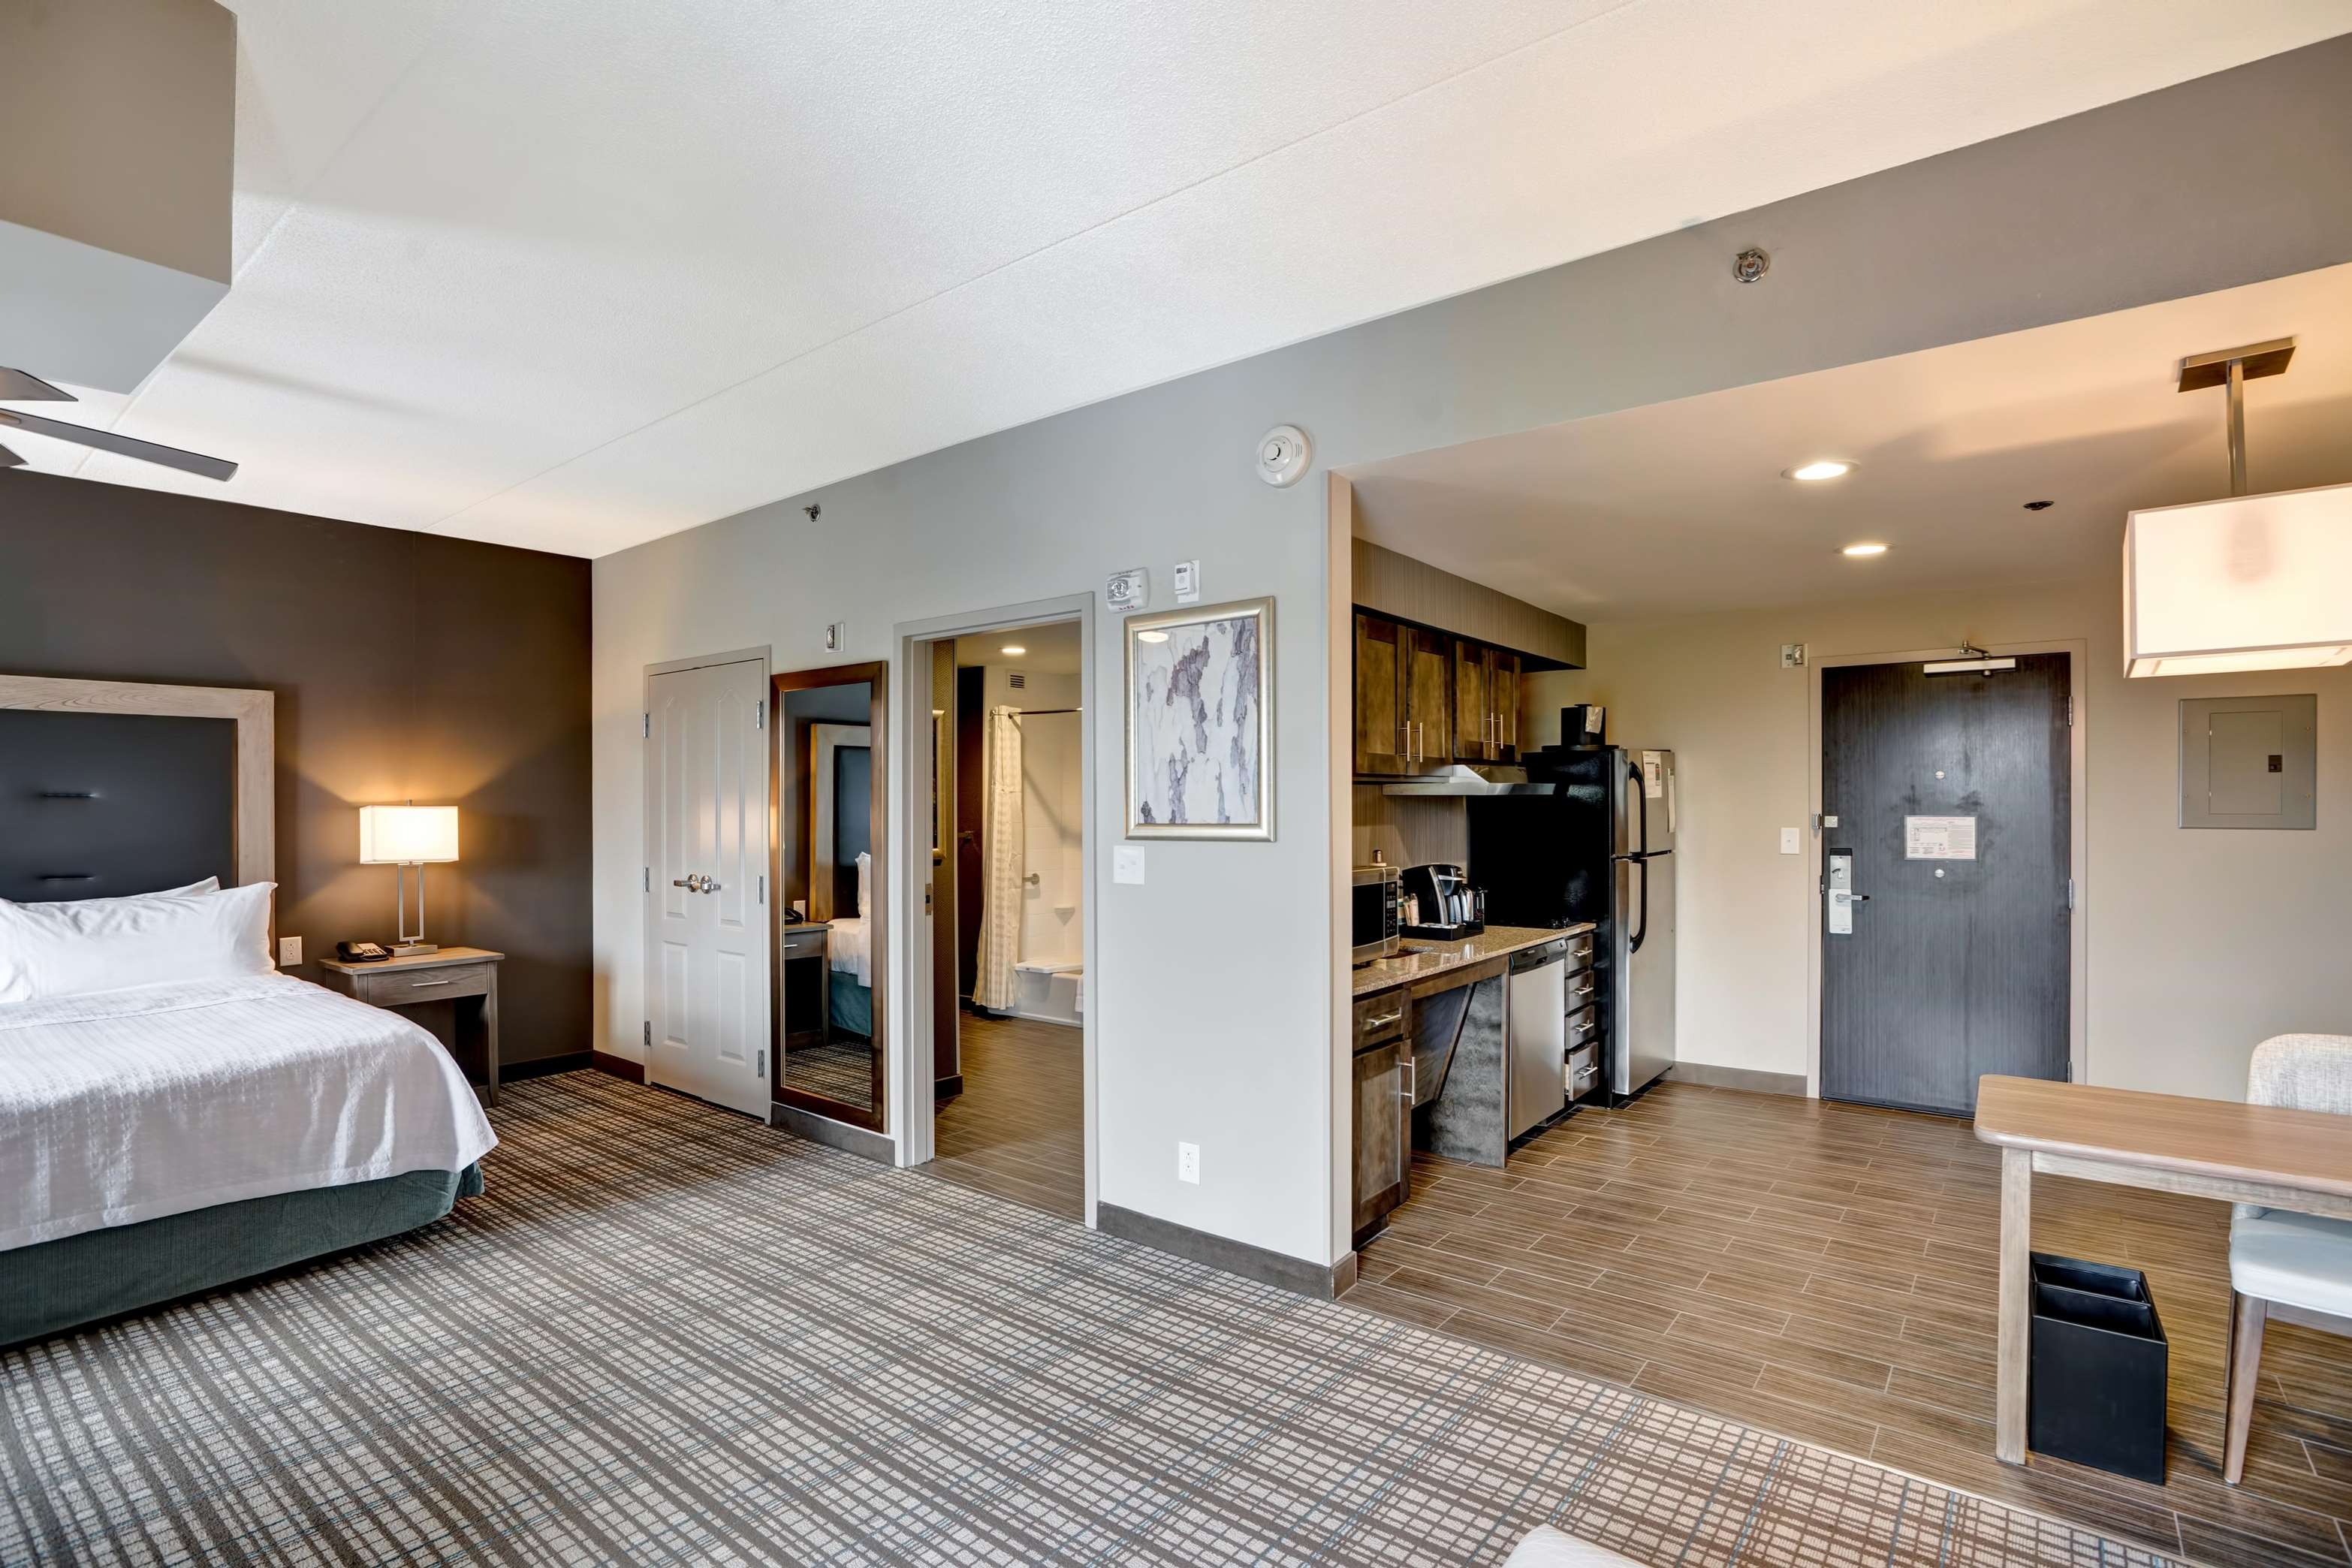 Homewood Suites by Hilton Nashville Franklin Cool Springs image 37